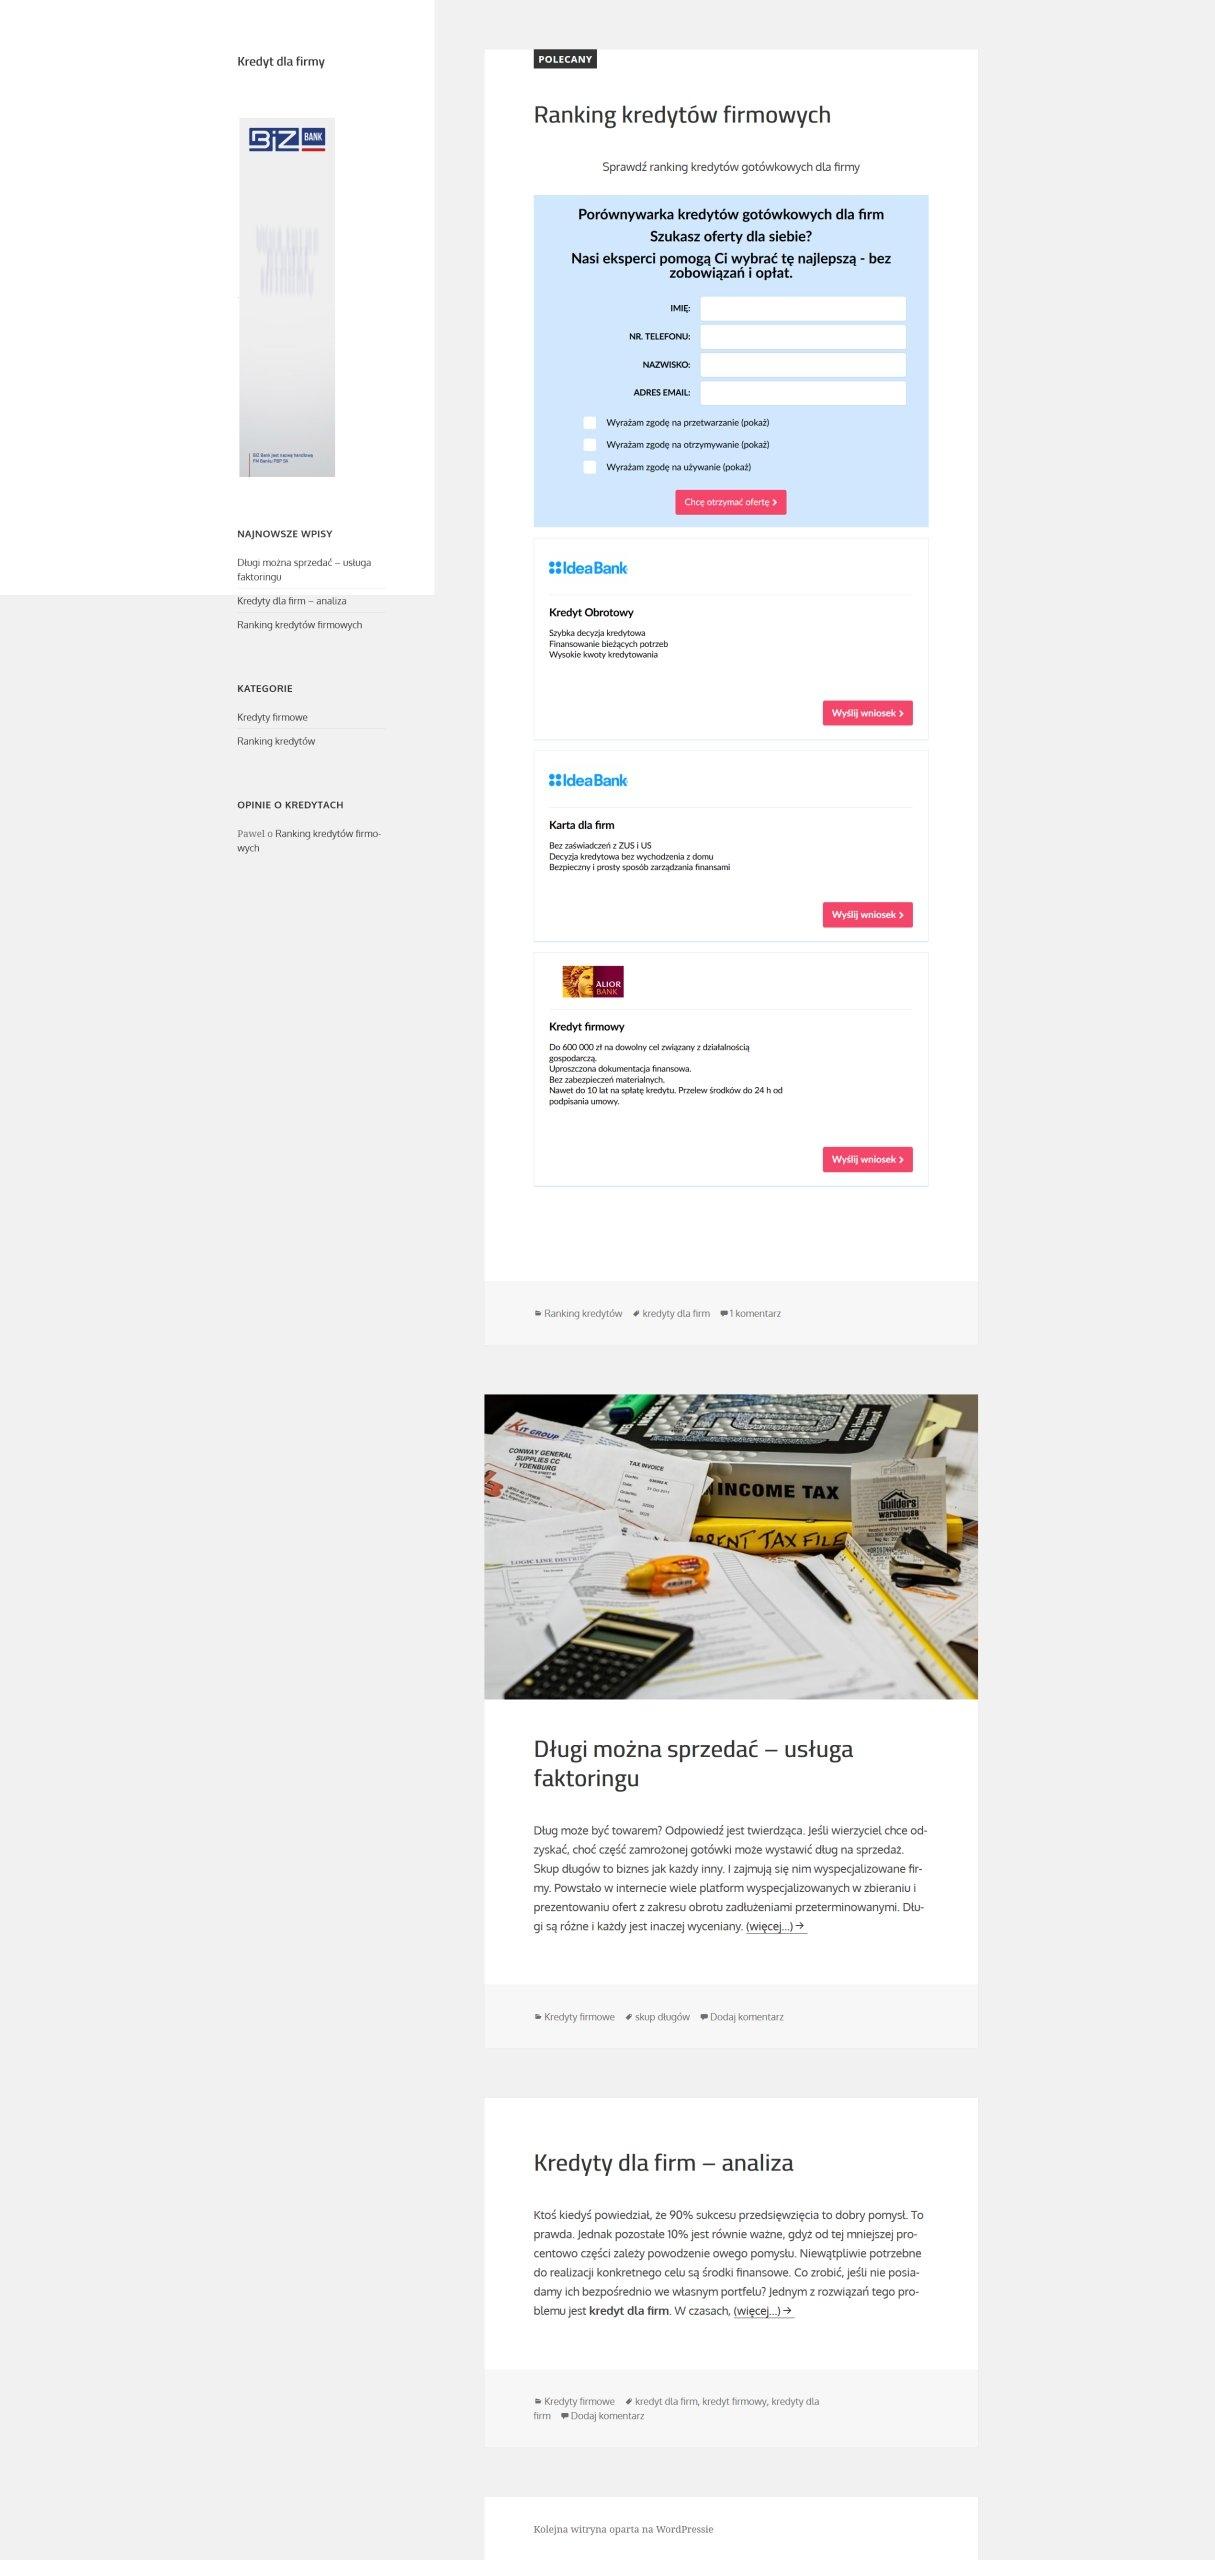 KredytDlaFirmy.pl + zaplecze 7 portali finansowych